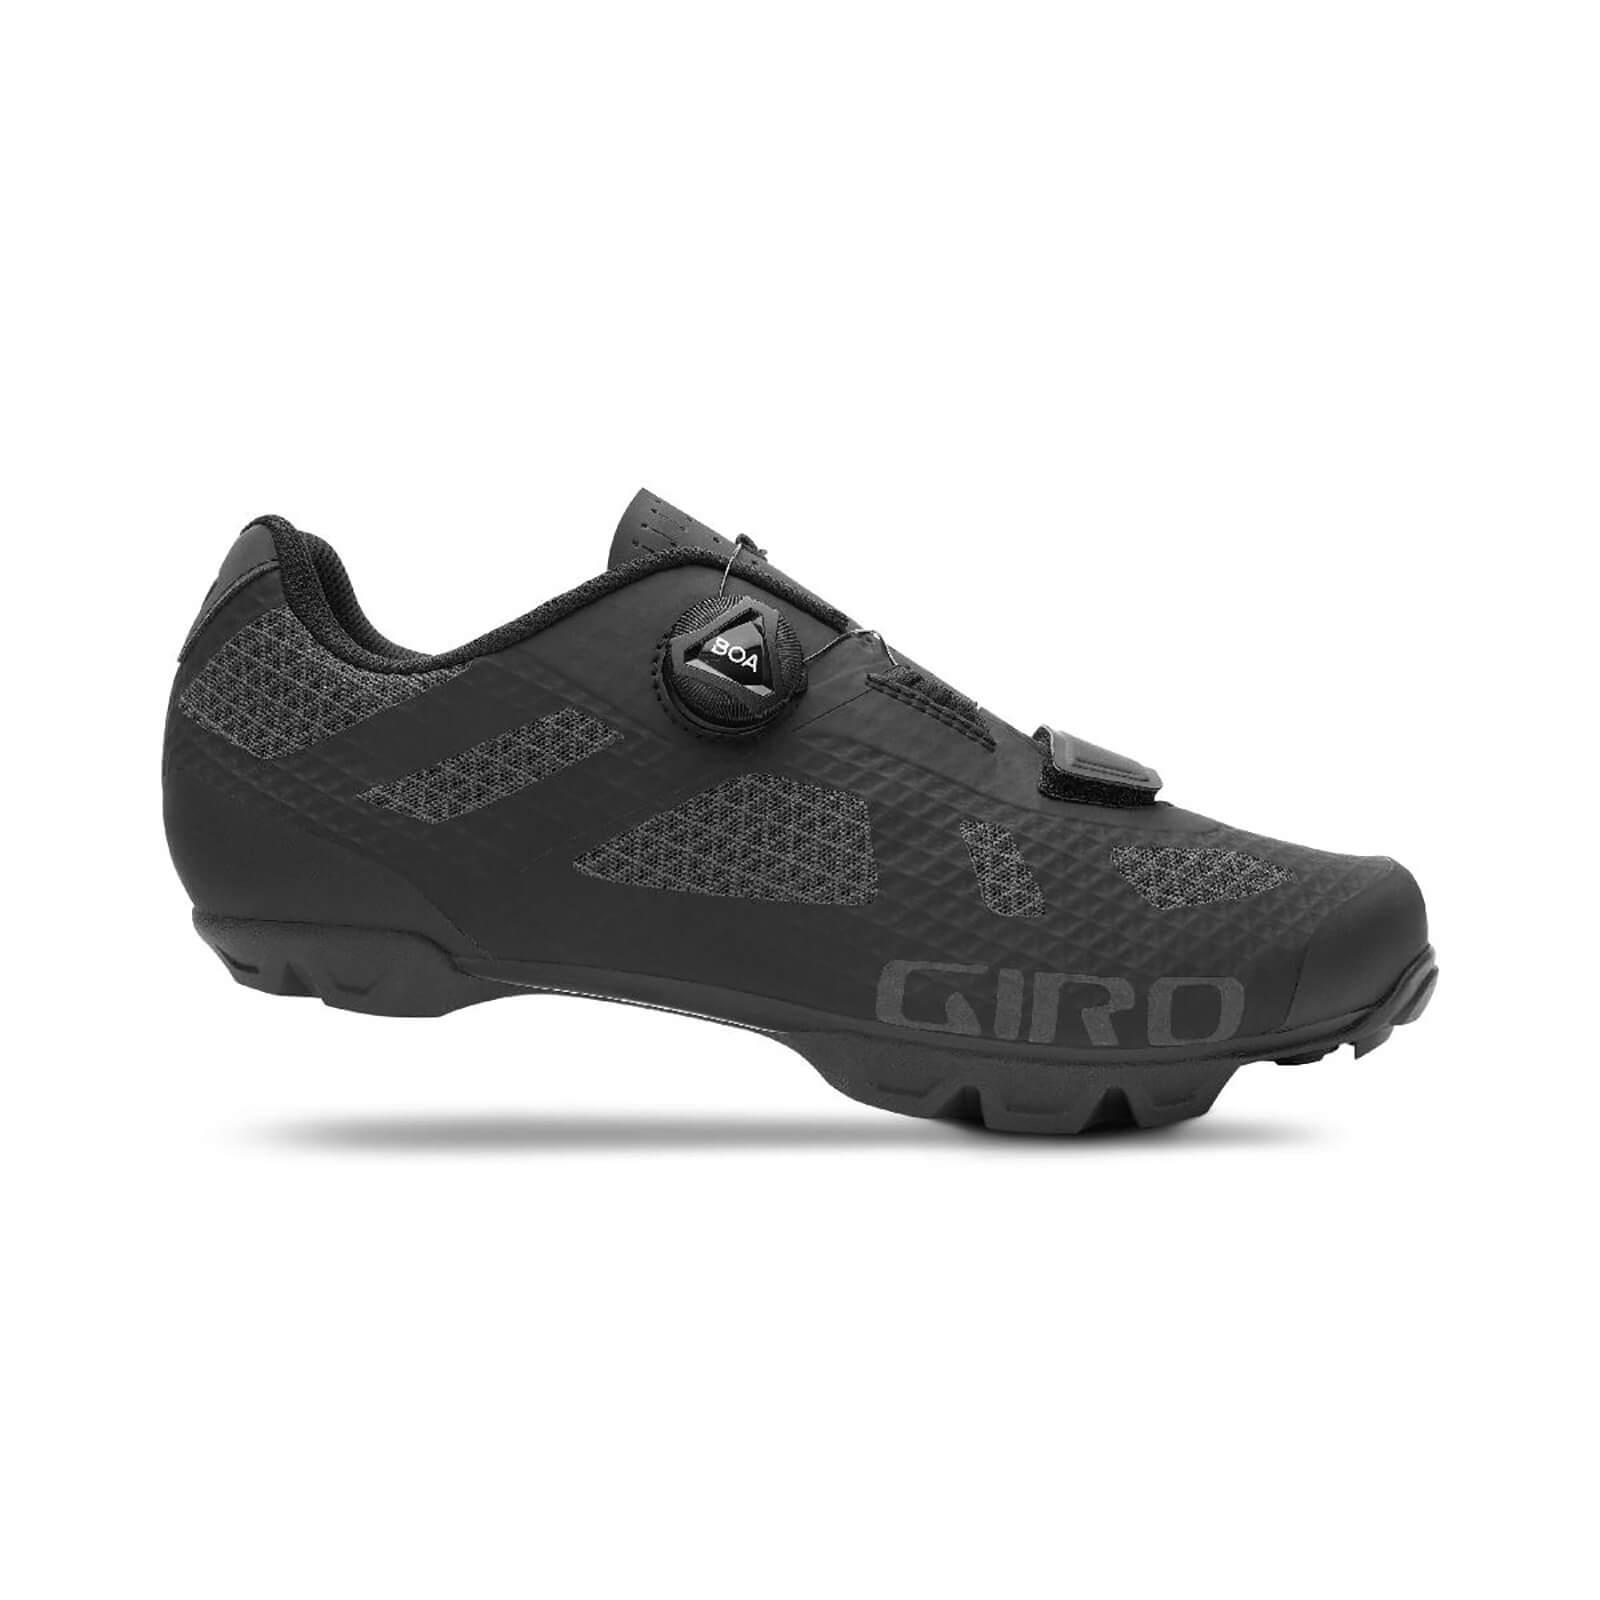 Giro Rincon MTB Shoe - EU 44 - Black